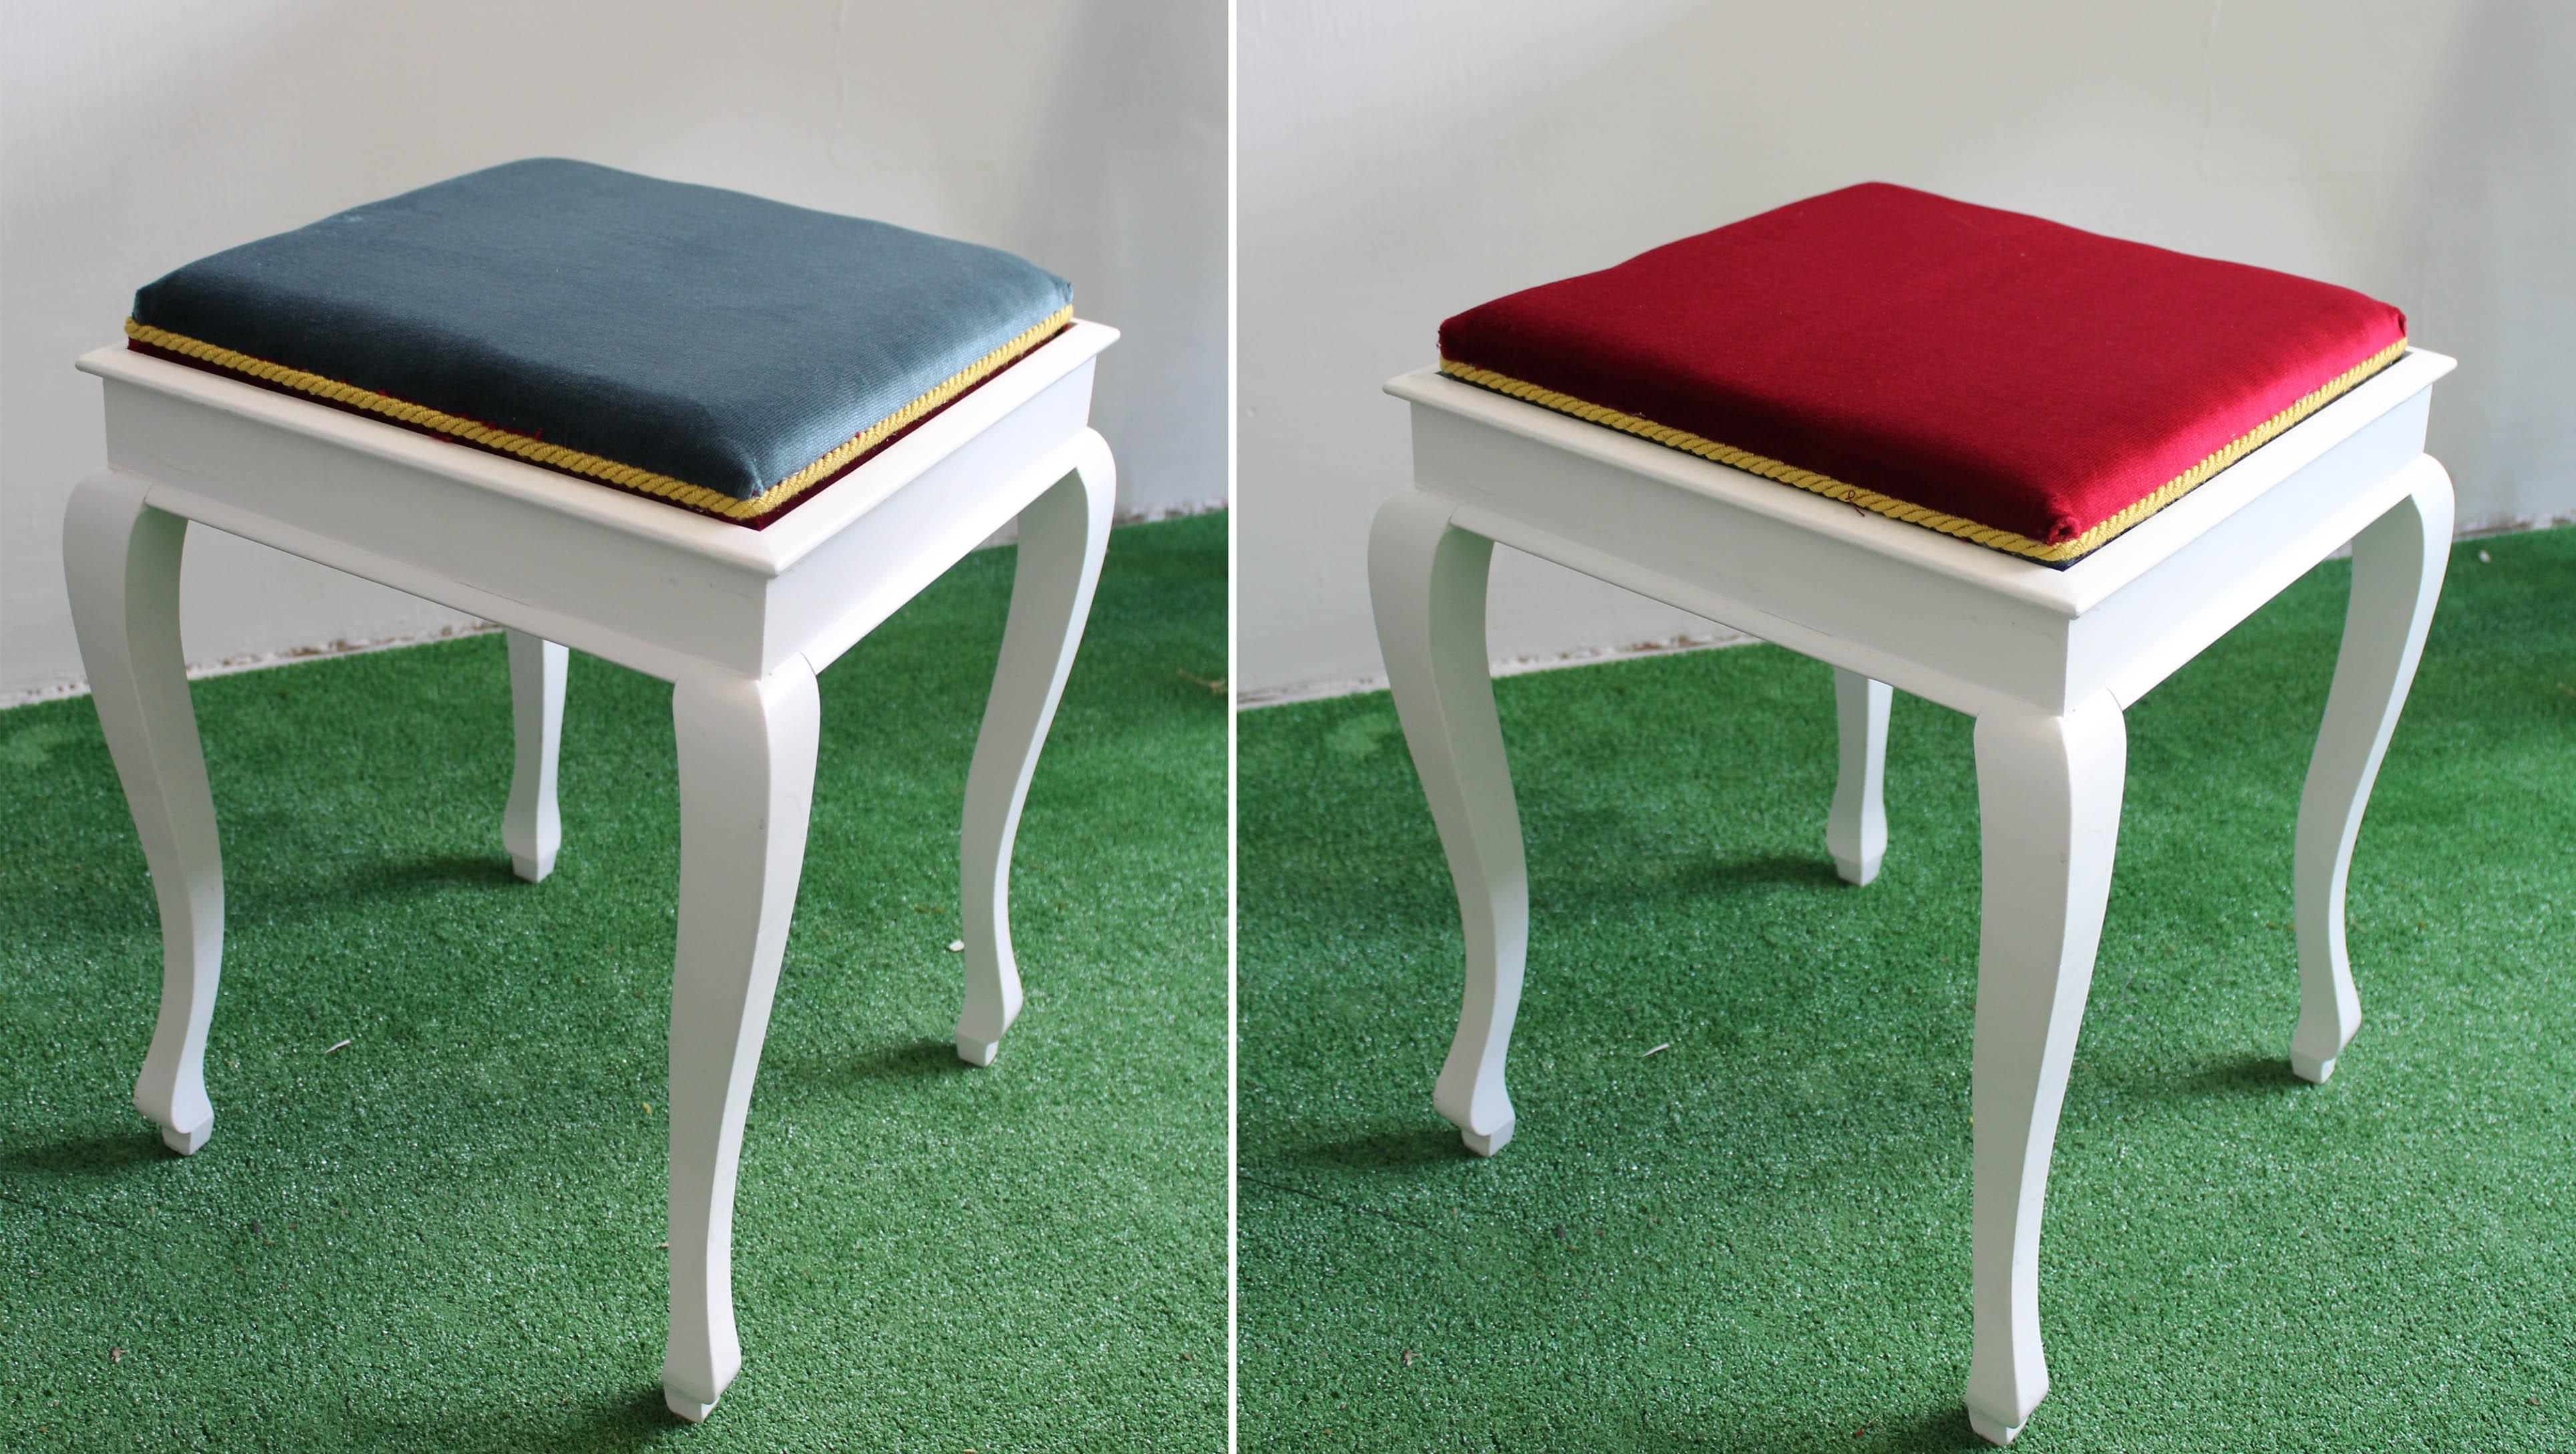 Sgabelli in legno bianco: sgabelli cucina e sgabelli da bar arredo